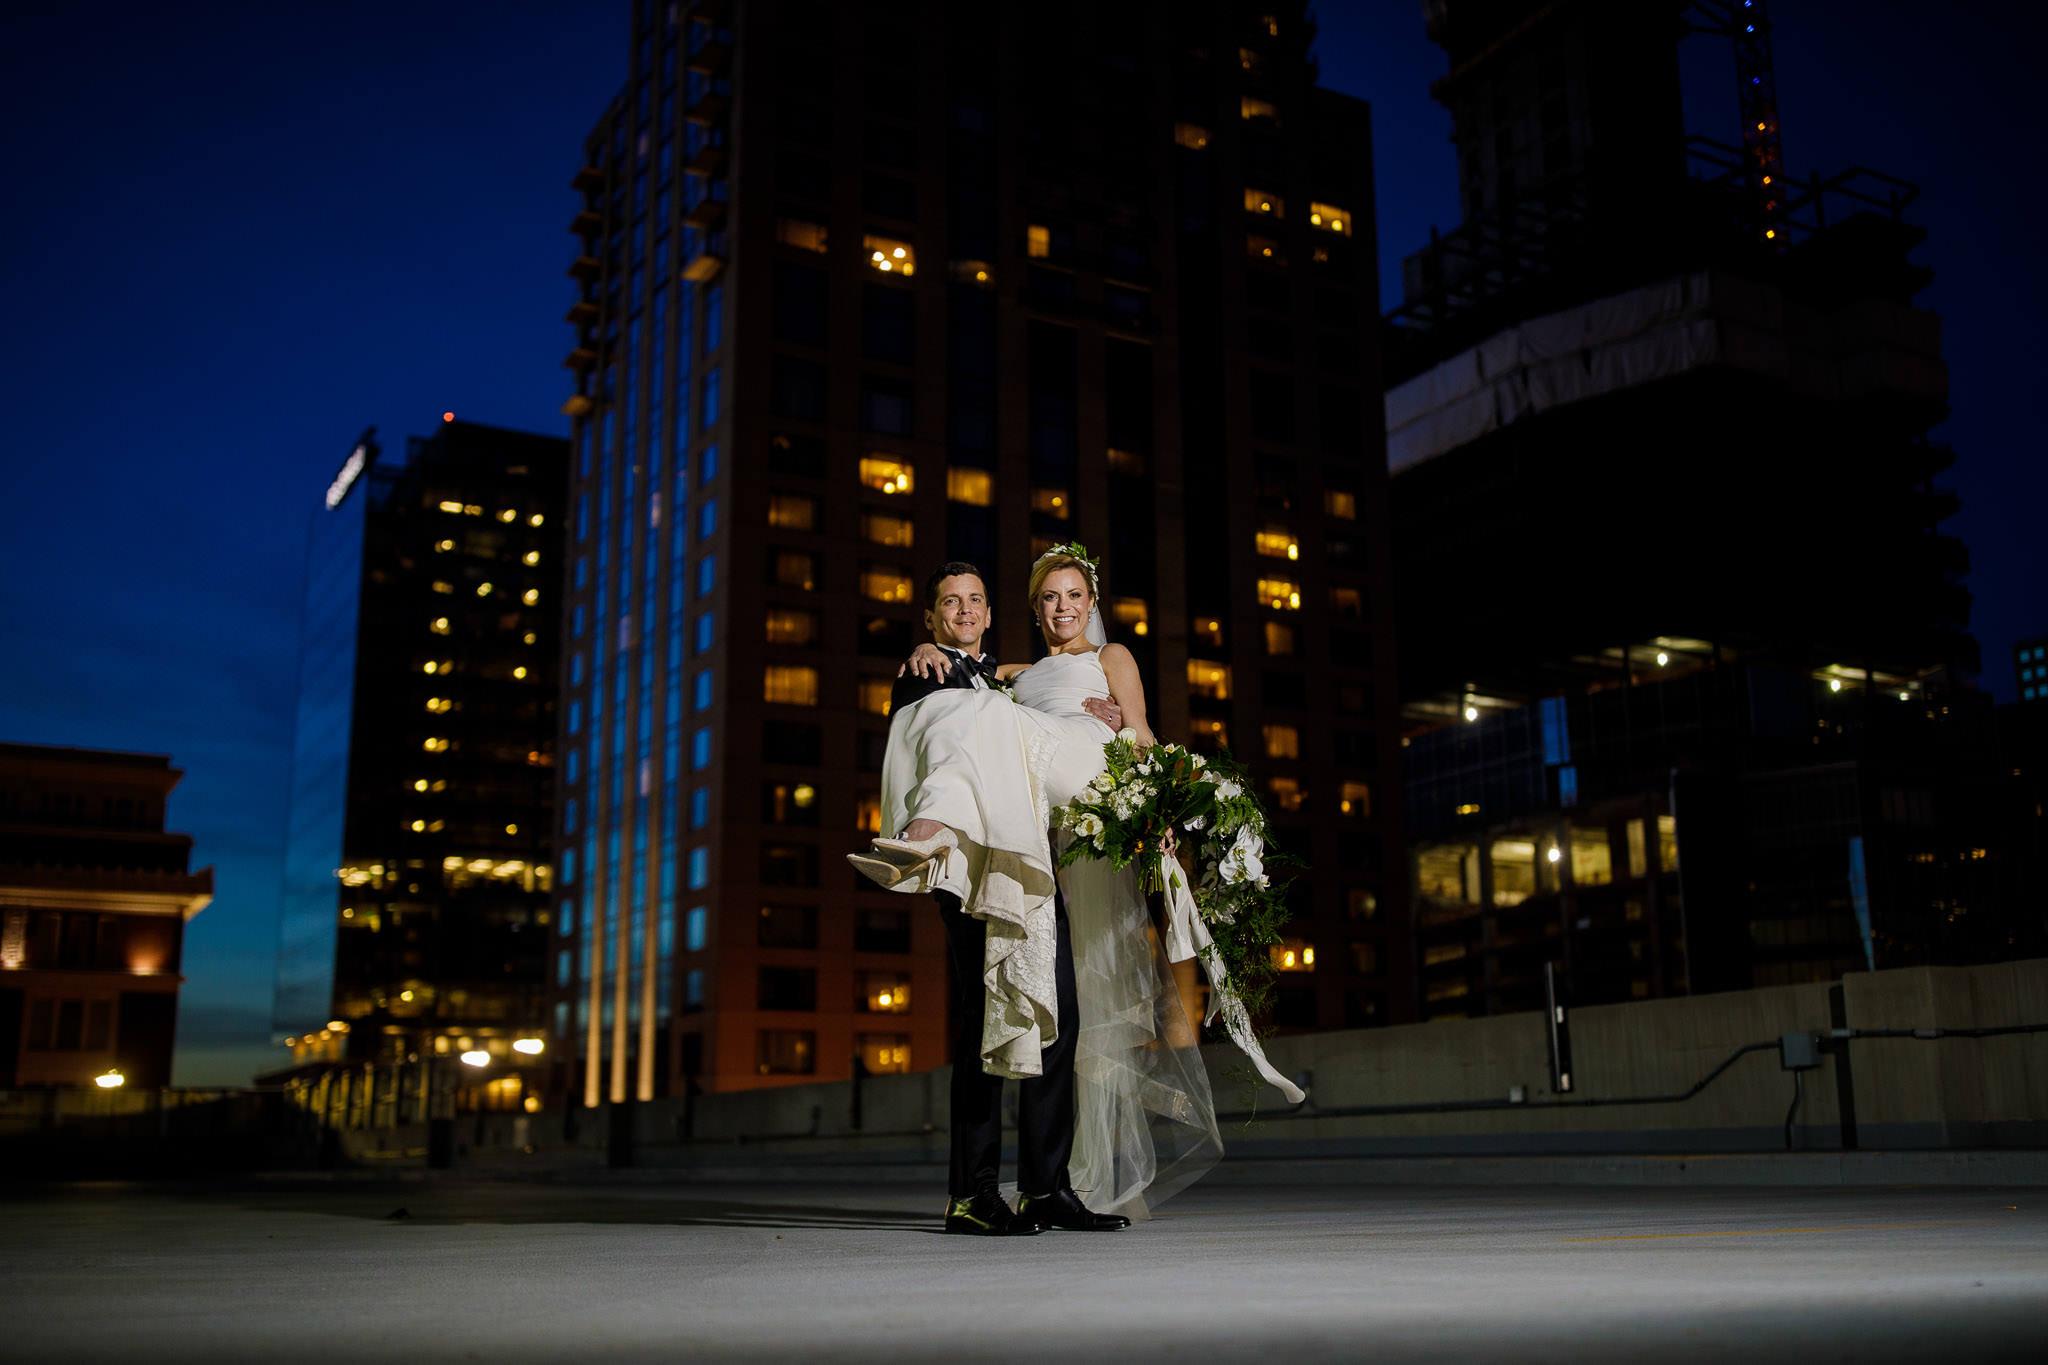 Kate + Joel | Married